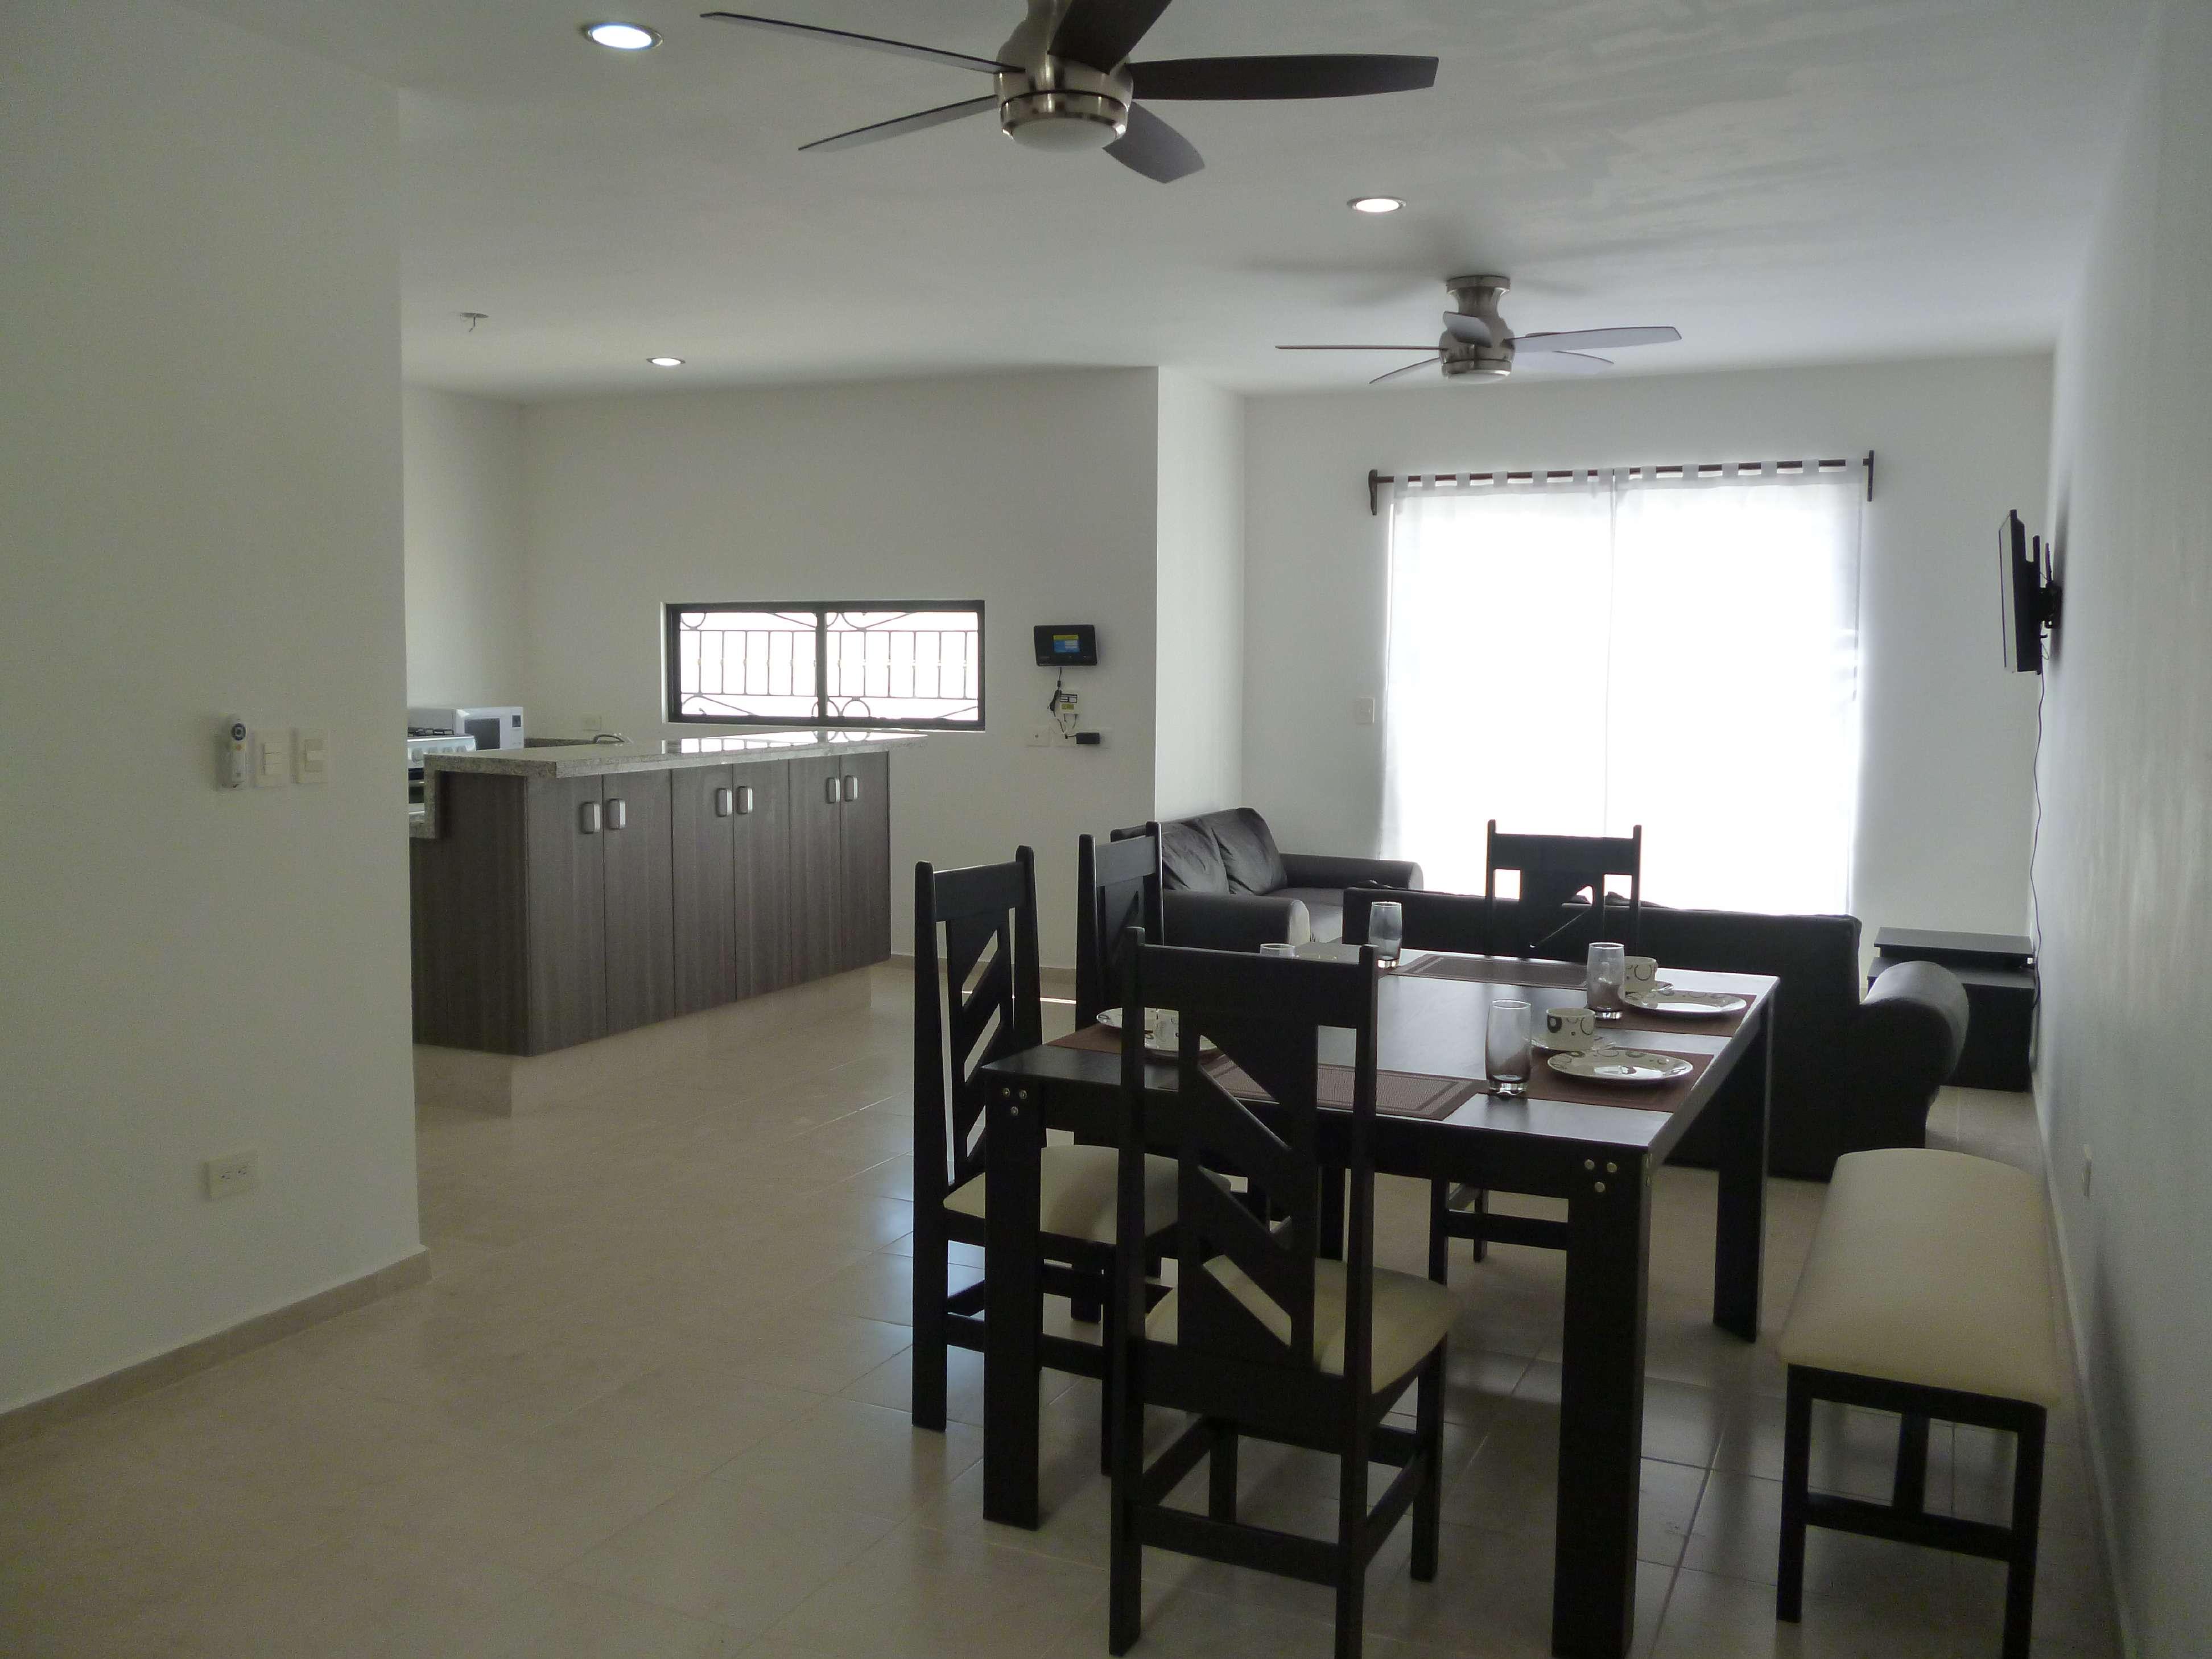 En merida zona norte casa amueblada de 3 habitaciones en for Casa con piscina zona norte merida